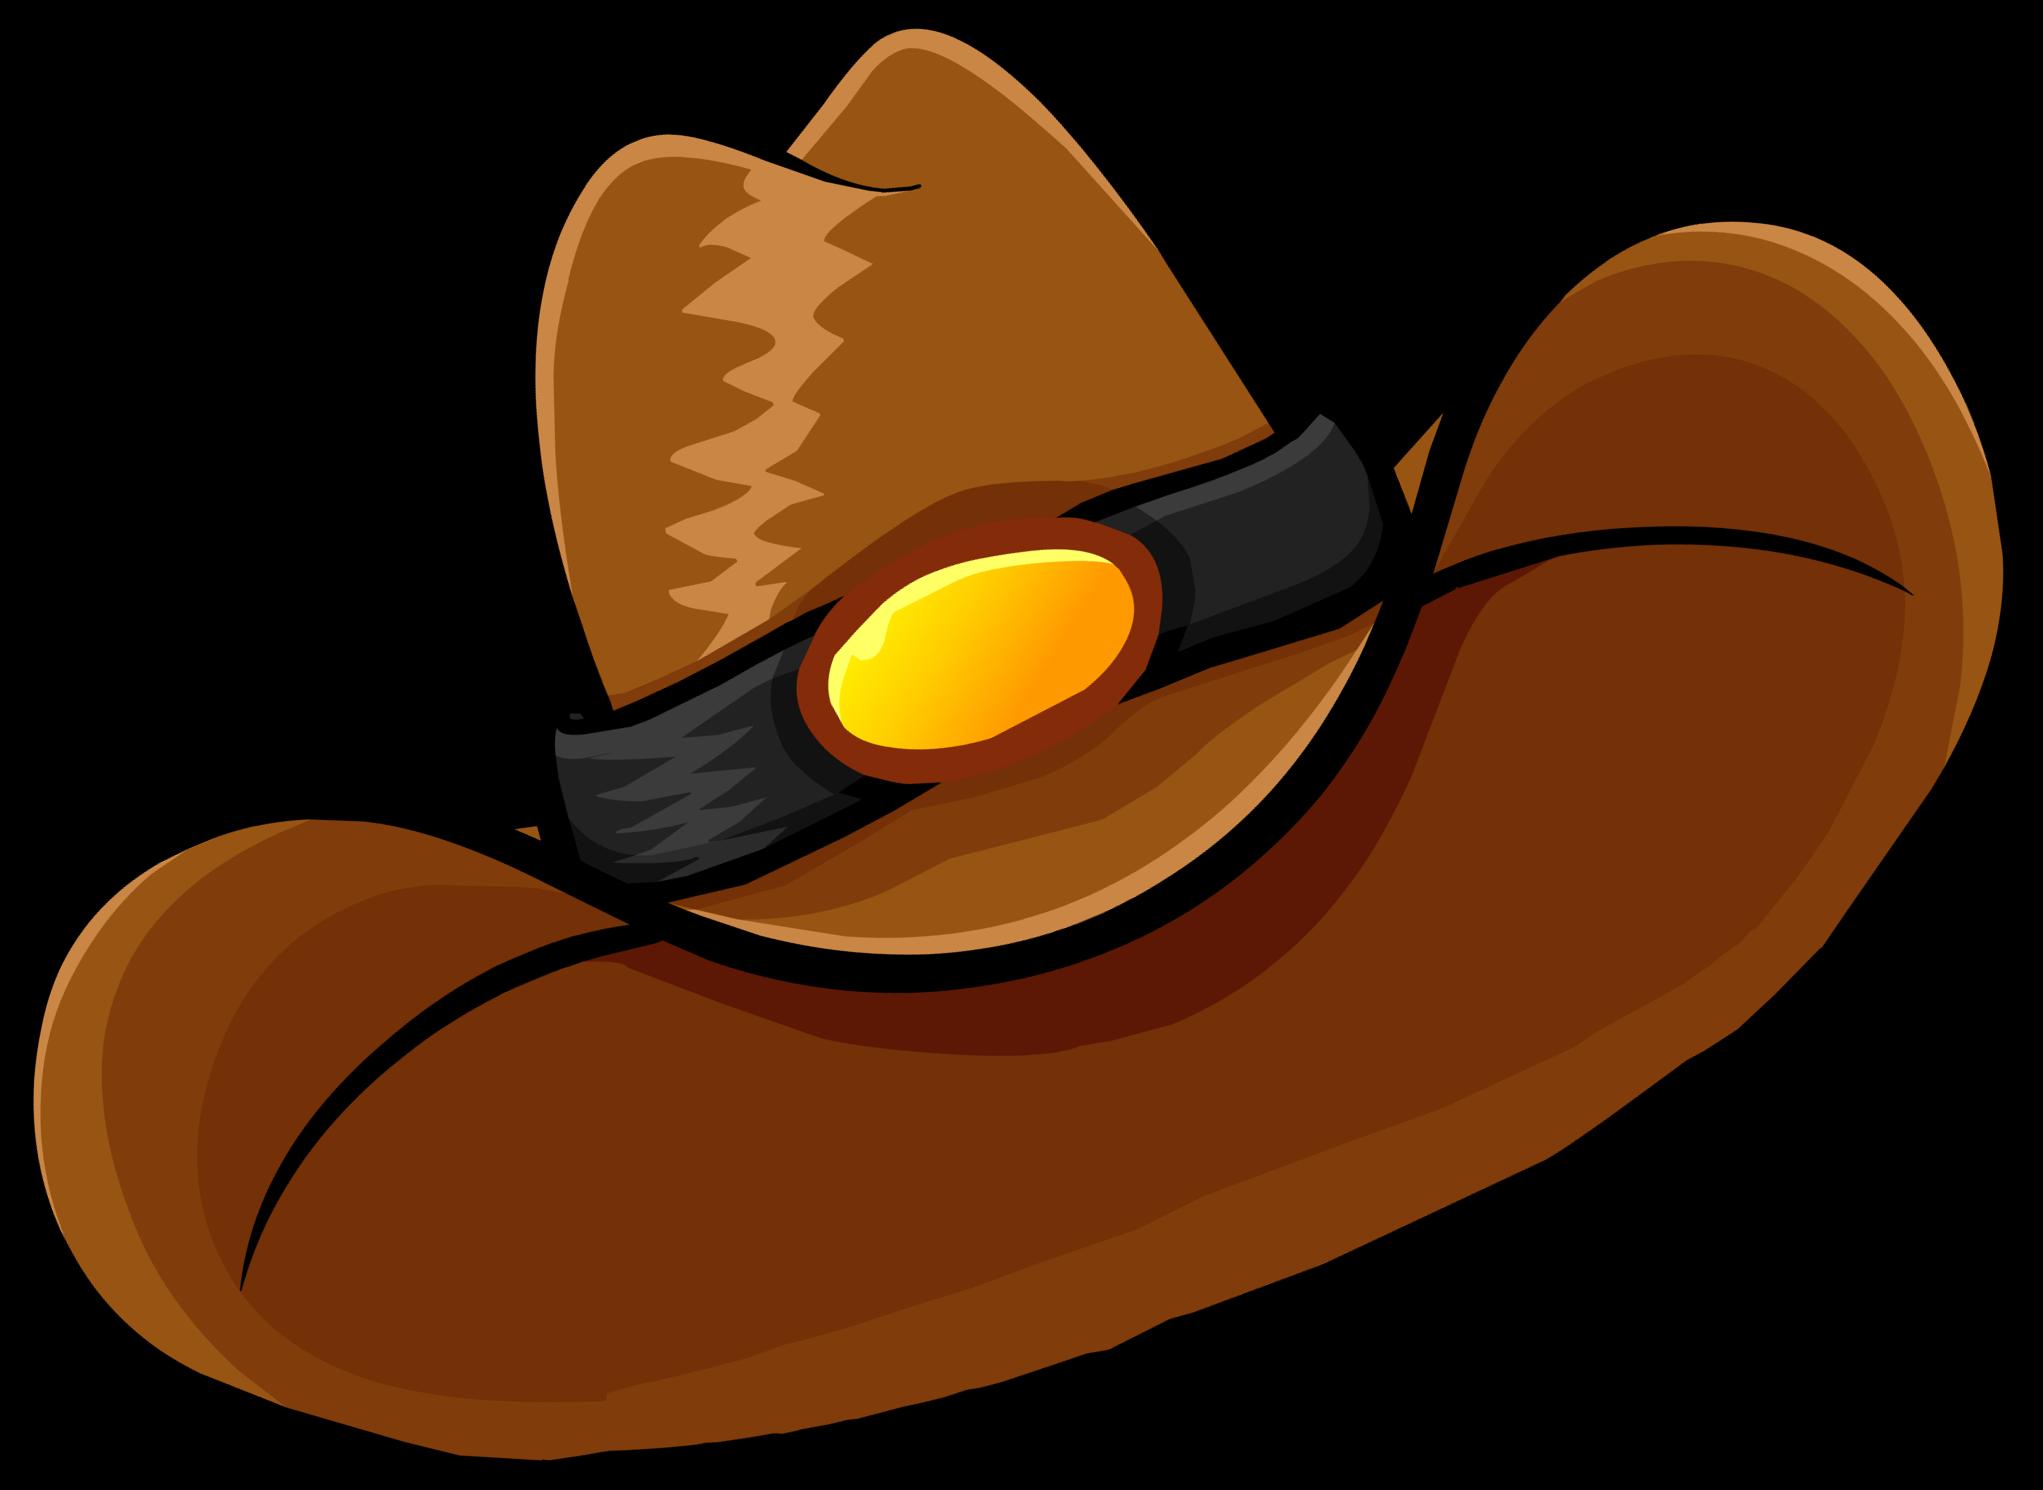 Cowboy Hat Clipart & Cowboy Hat Clip Art Images.